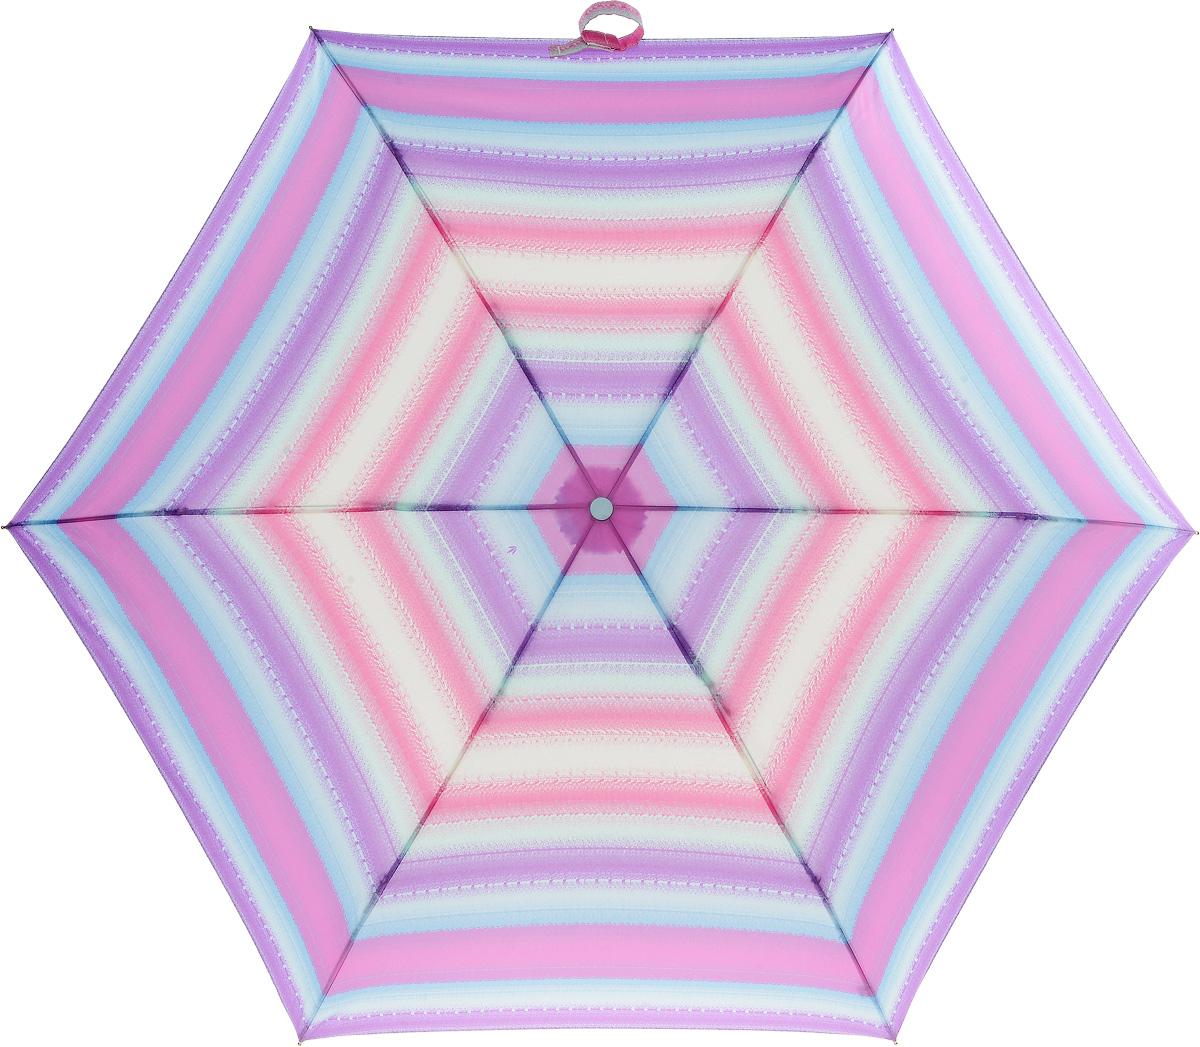 Зонт женский Fulton Superslim, механический, 3 сложения, цвет: мультиколор. L553-2753L553-2753 SunStripeСтильный механический зонт Fulton Superslim в 3 сложения даже в ненастную погоду позволит вам оставаться элегантной. Облегченный каркас зонта выполнен из 6 спиц из фибергласса и алюминия, стержень также изготовлен из алюминия, удобная рукоятка - из пластика. Купол зонта выполнен из прочного полиэстера. В закрытом виде застегивается хлястиком на липучке. Яркий оригинальный рисунок в полоску поднимет настроение в дождливый день. Зонт механического сложения: купол открывается и закрывается вручную до характерного щелчка. На рукоятке для удобства есть небольшой шнурок, позволяющий надеть зонт на руку тогда, когда это будет необходимо. К зонту прилагается чехол, который застегивается на липучку. Чехол оформлен металлическим элементом с названием бренда. Такой зонт компактно располагается в кармане, сумочке, дверке автомобиля.